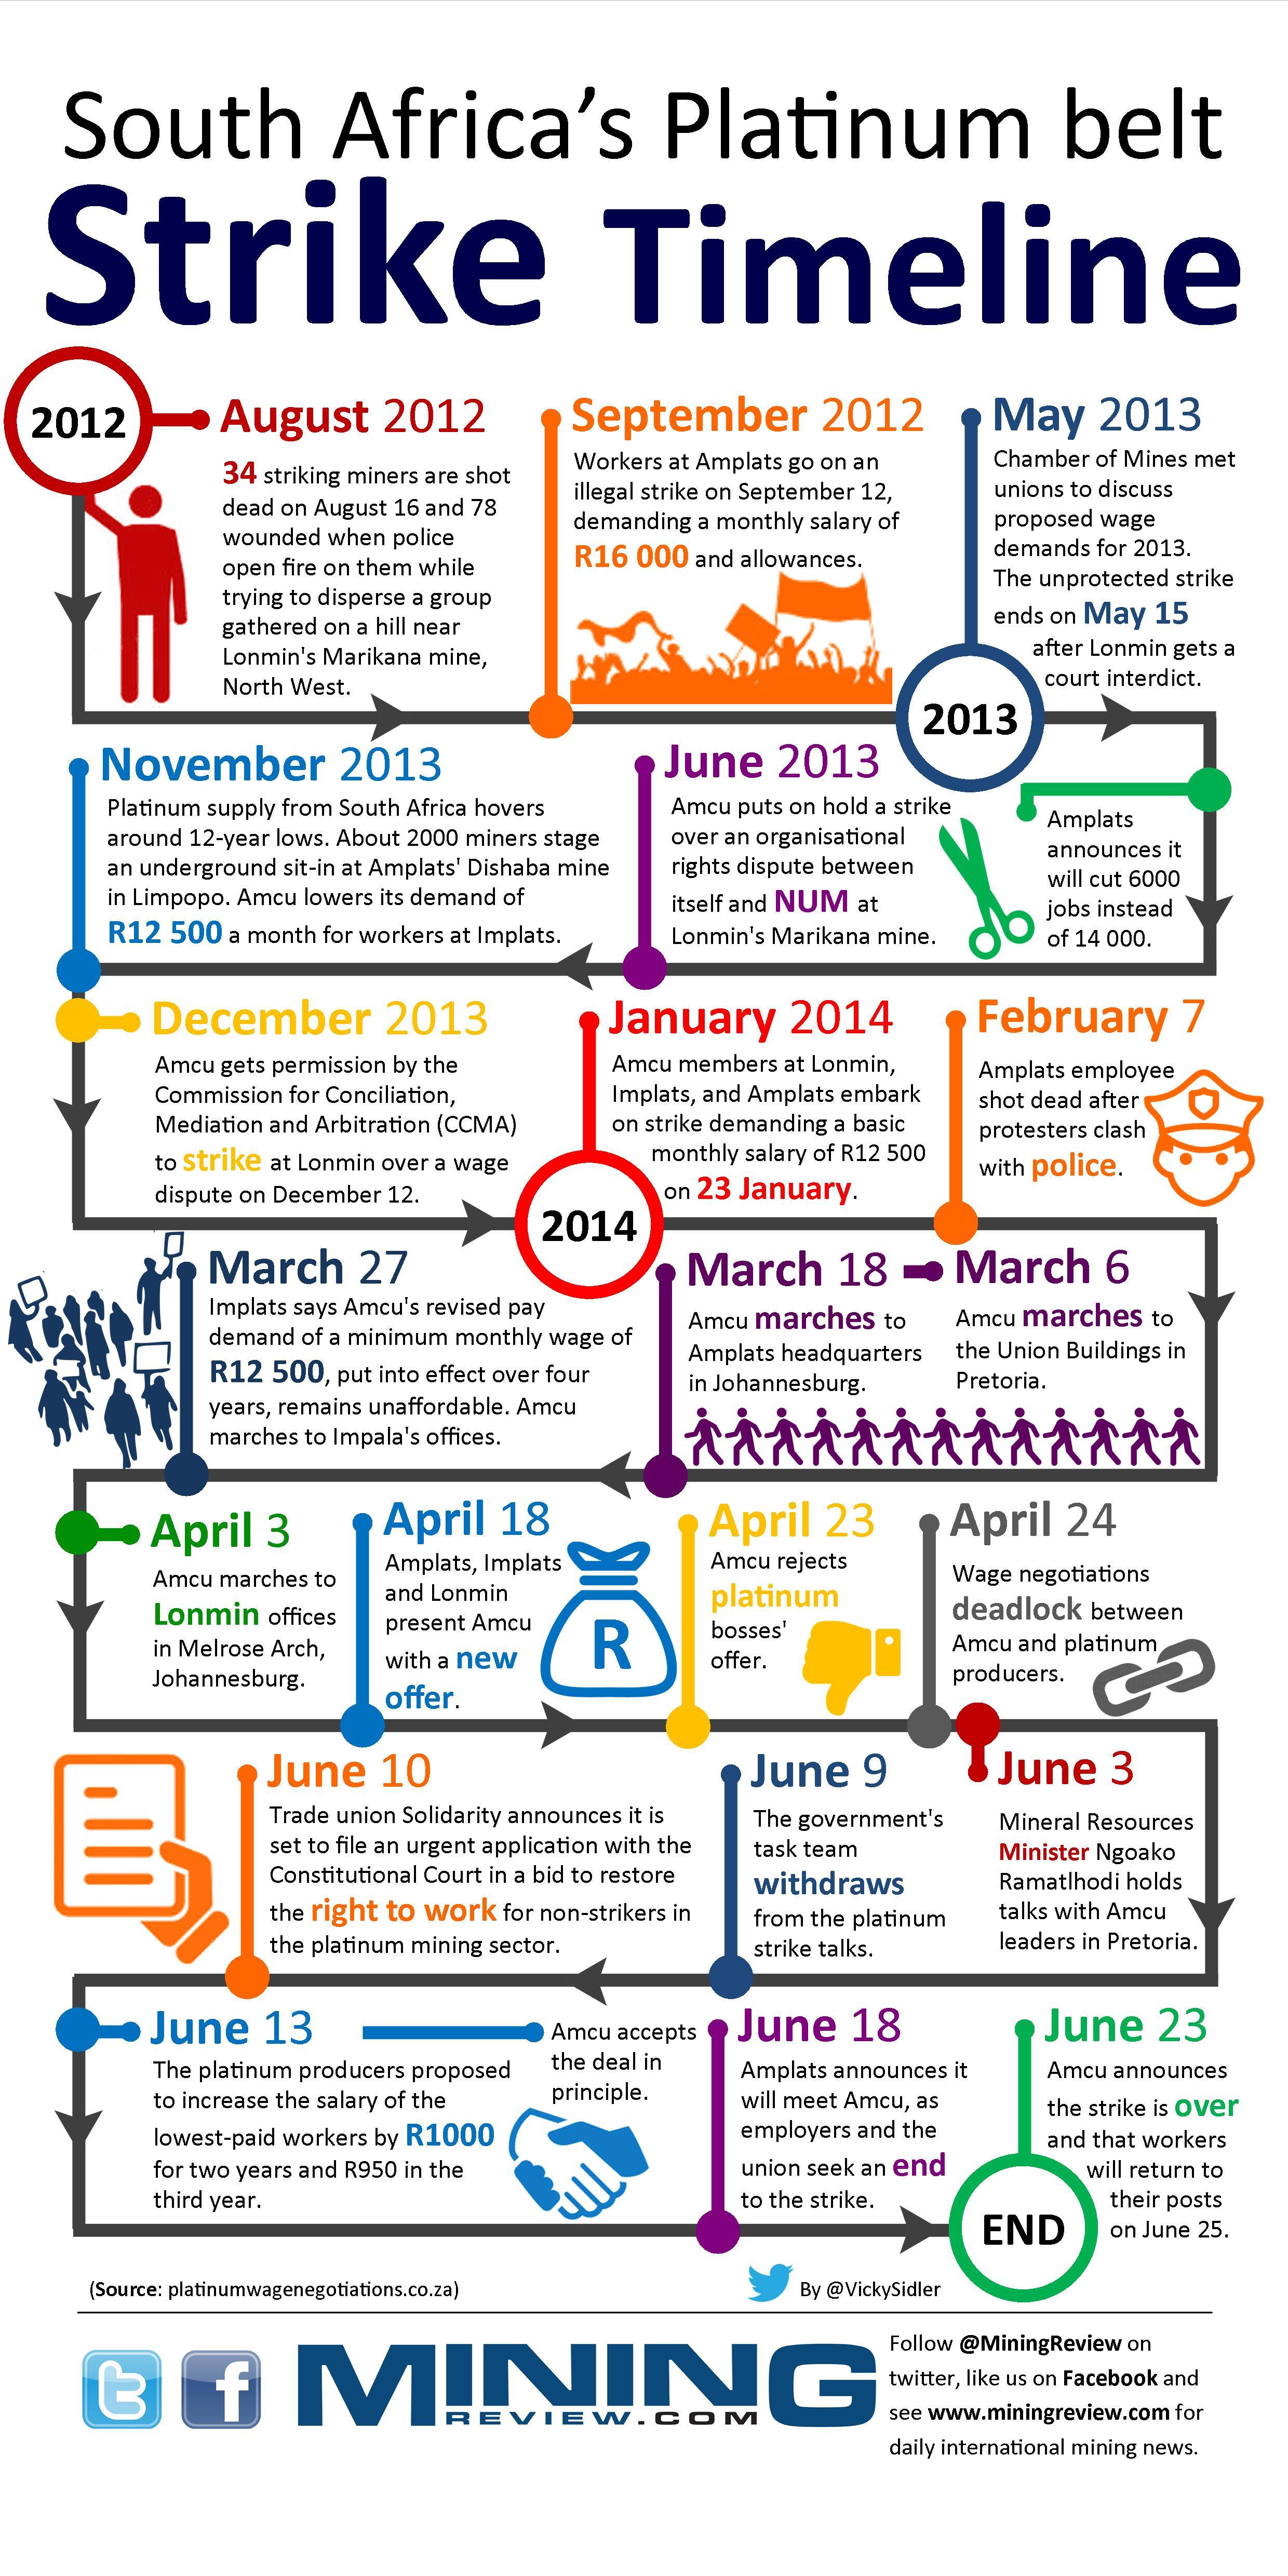 South Africa Platinum belt Strike Timeline Infographic